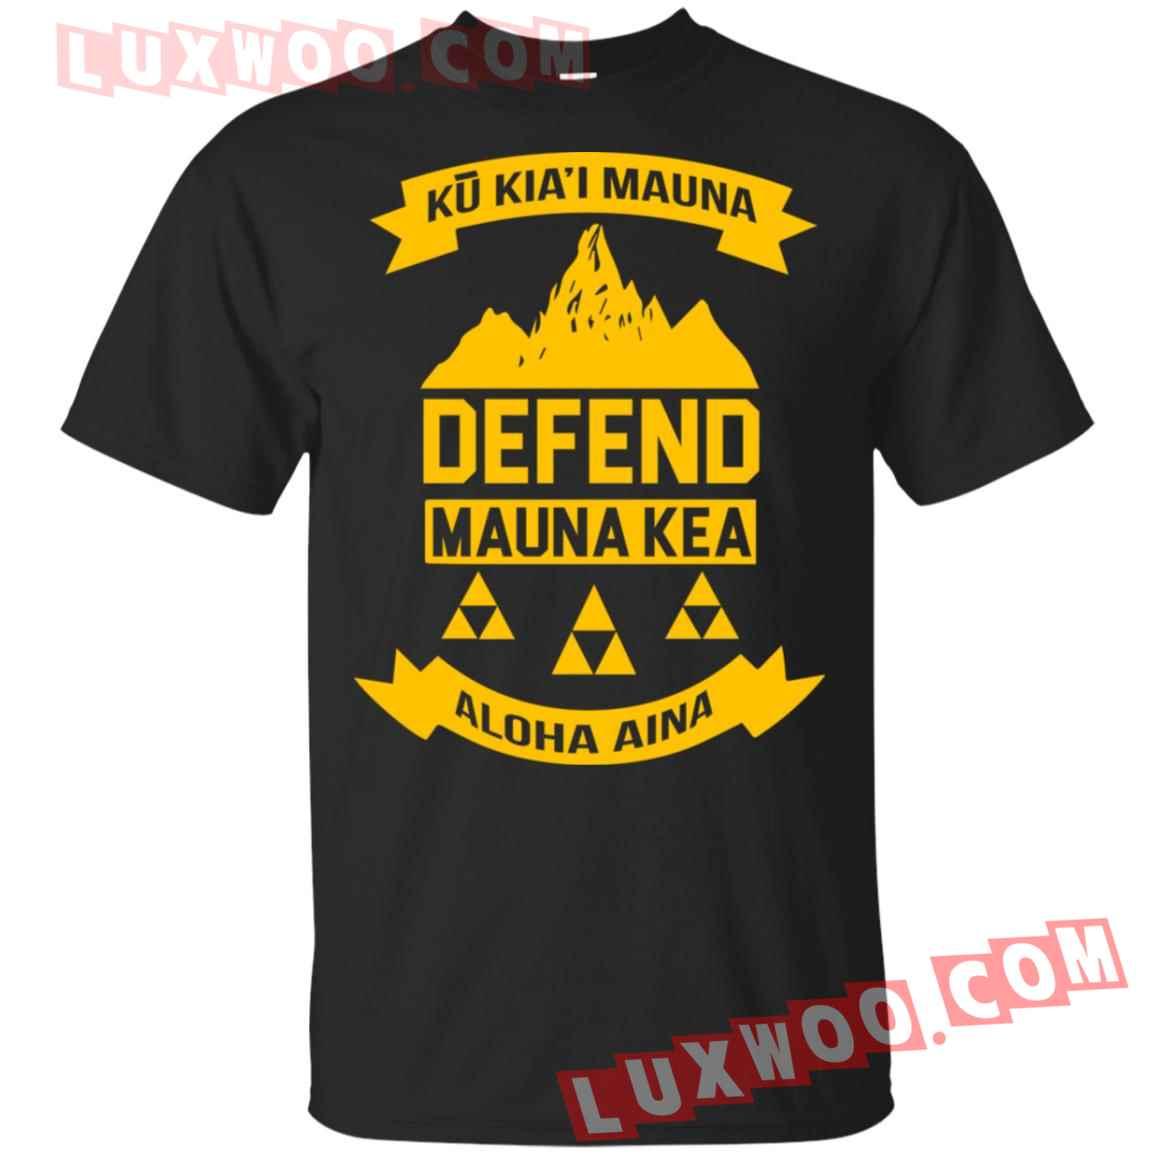 Defend Ku Kiai Mauna Kapu Aloha Shirt